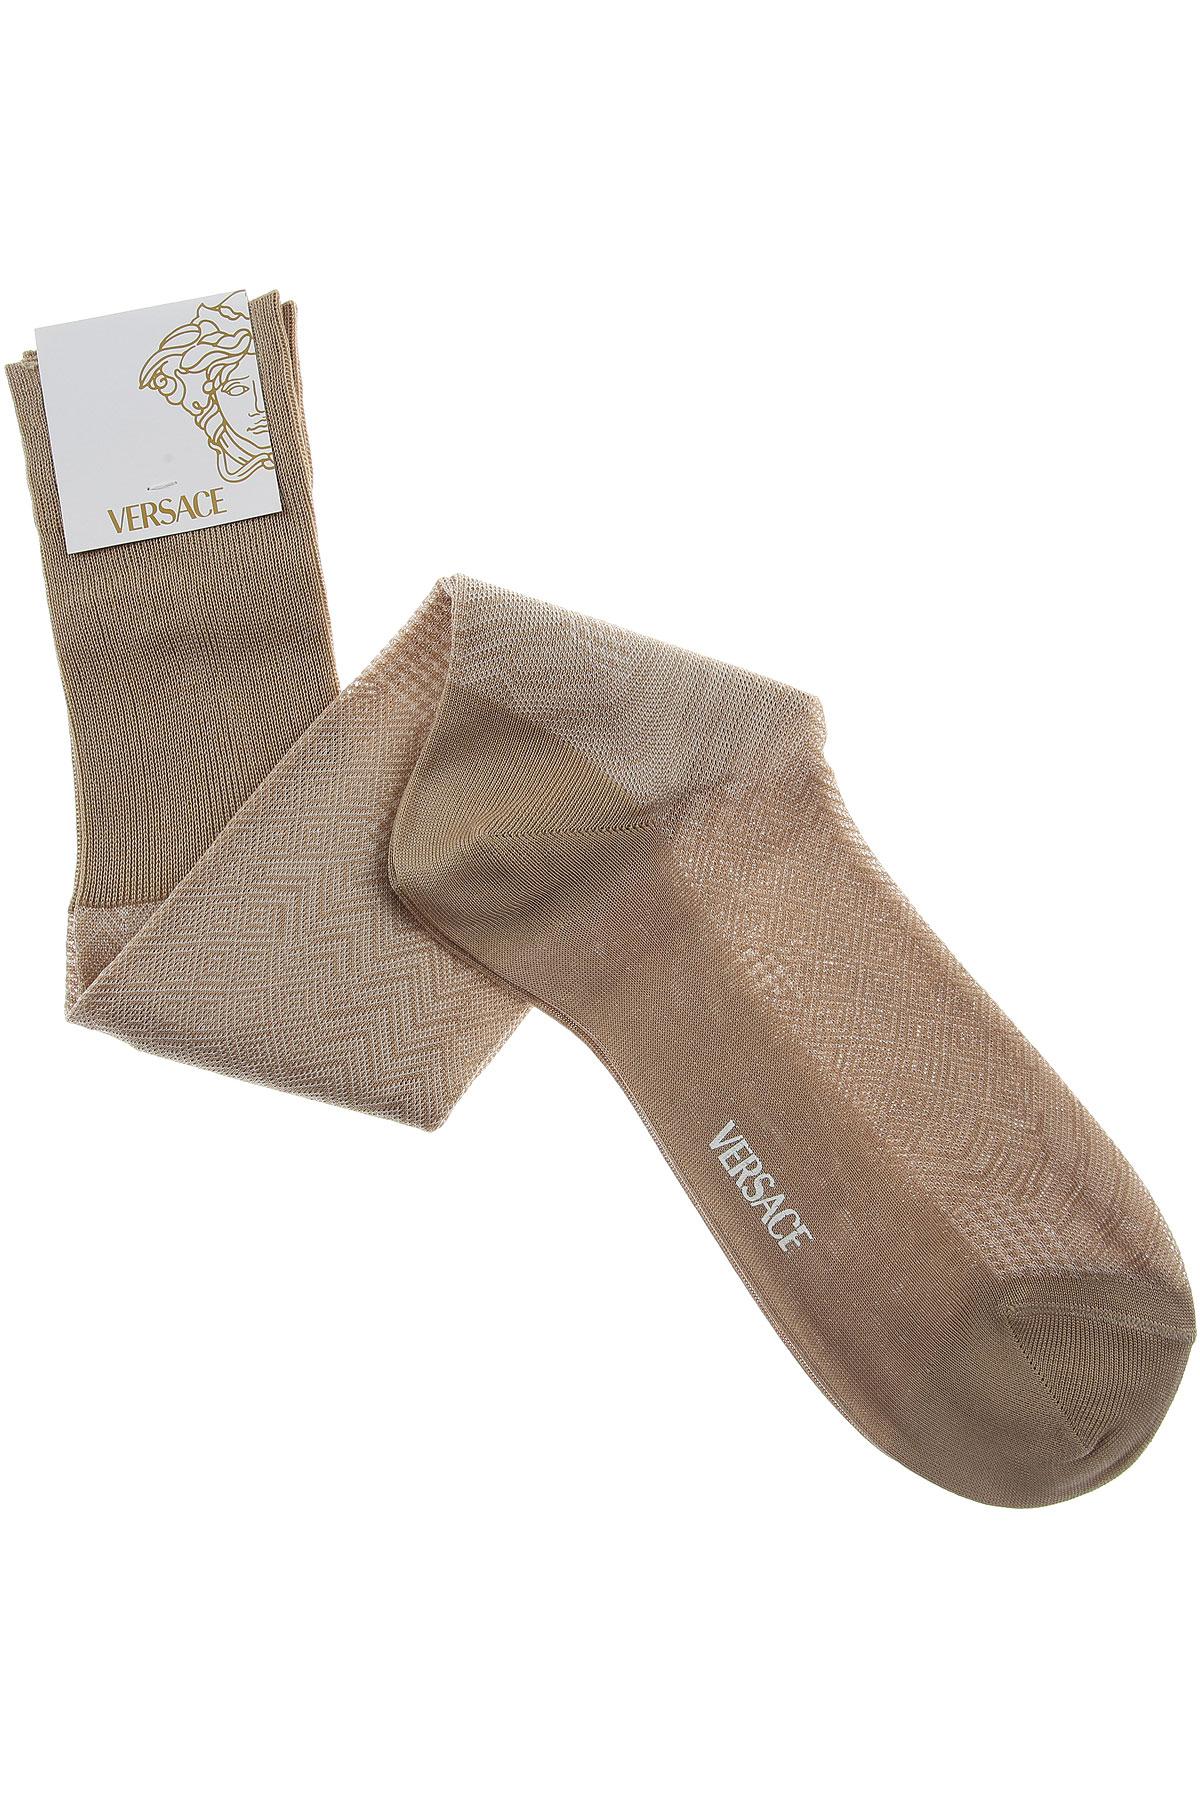 Versace Socks Socks for Men On Sale in Outlet, Beige, Lisle Cotton Thread, 2019, 11 (Shoe Size: EU 43 - US 9) 12 (Shoe Size: EU 44 - US 10) 12.5 (Shoe